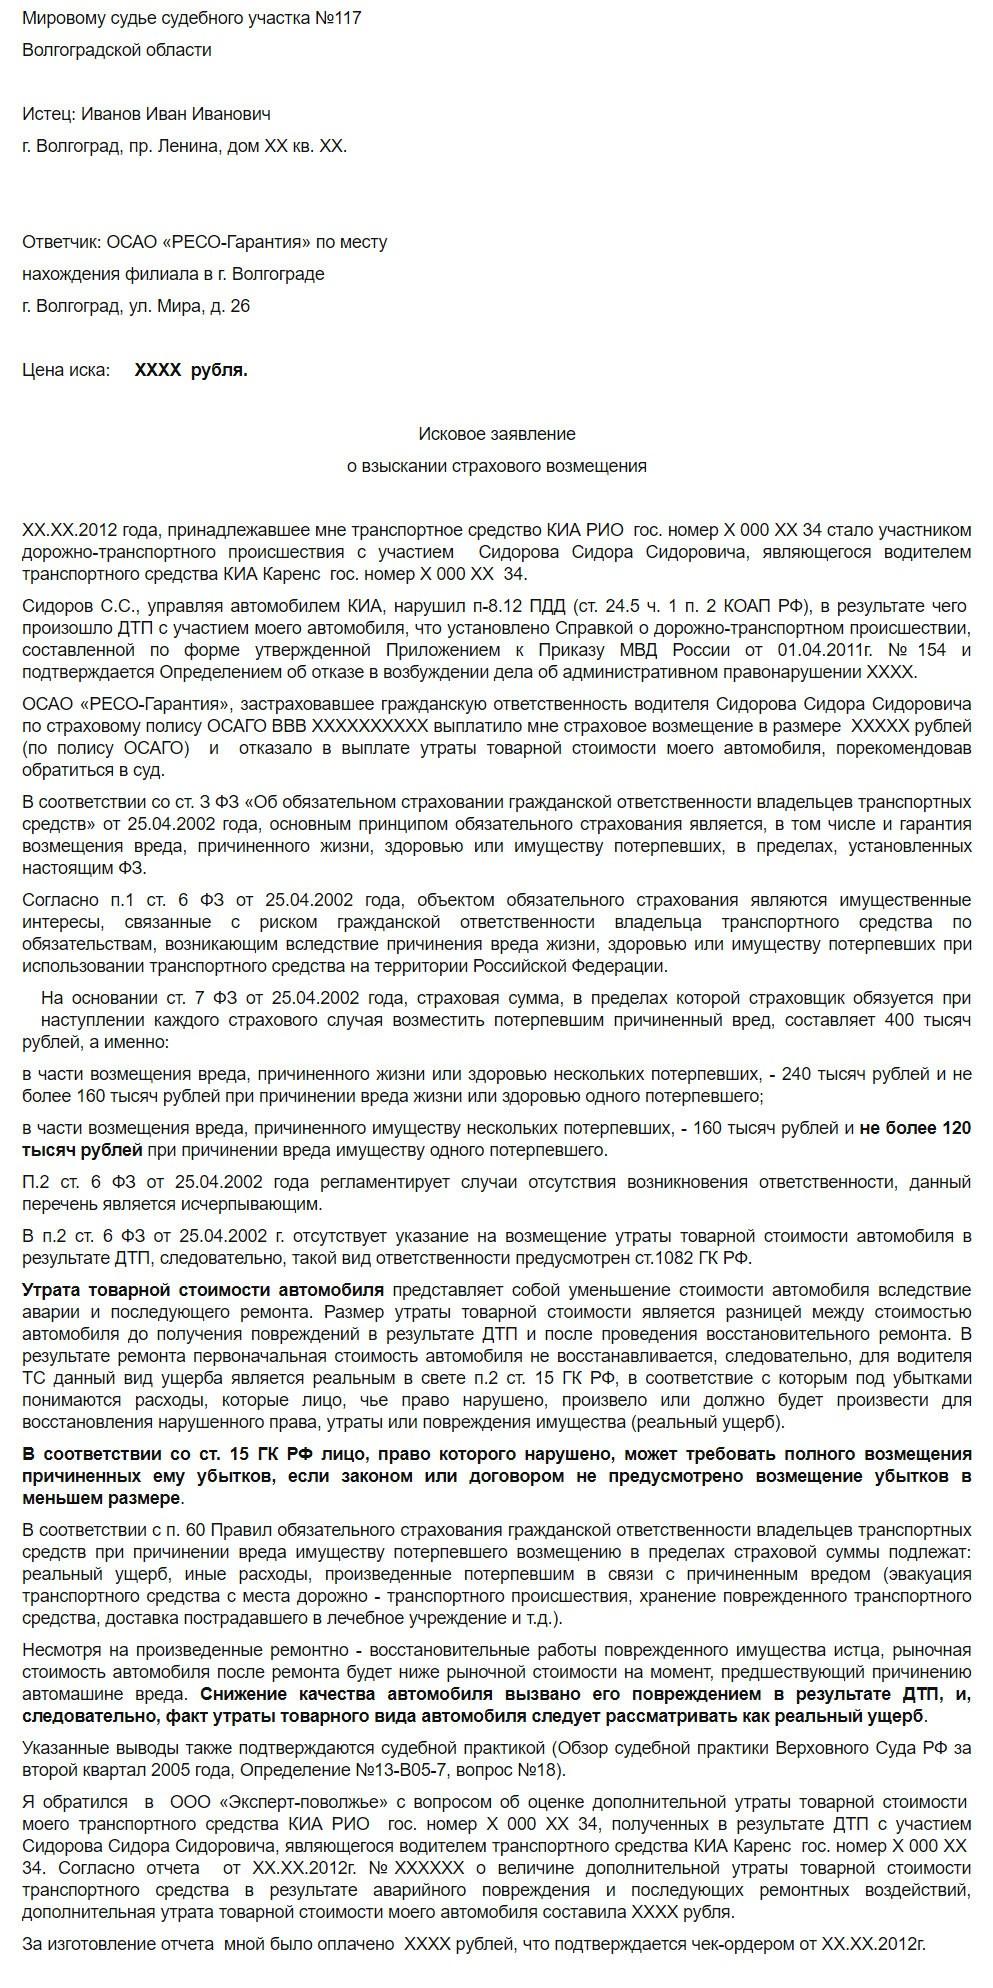 obrazec-zayavleniya-na-vzyskanie-uts-avtomobilya-isk-v-sud-3